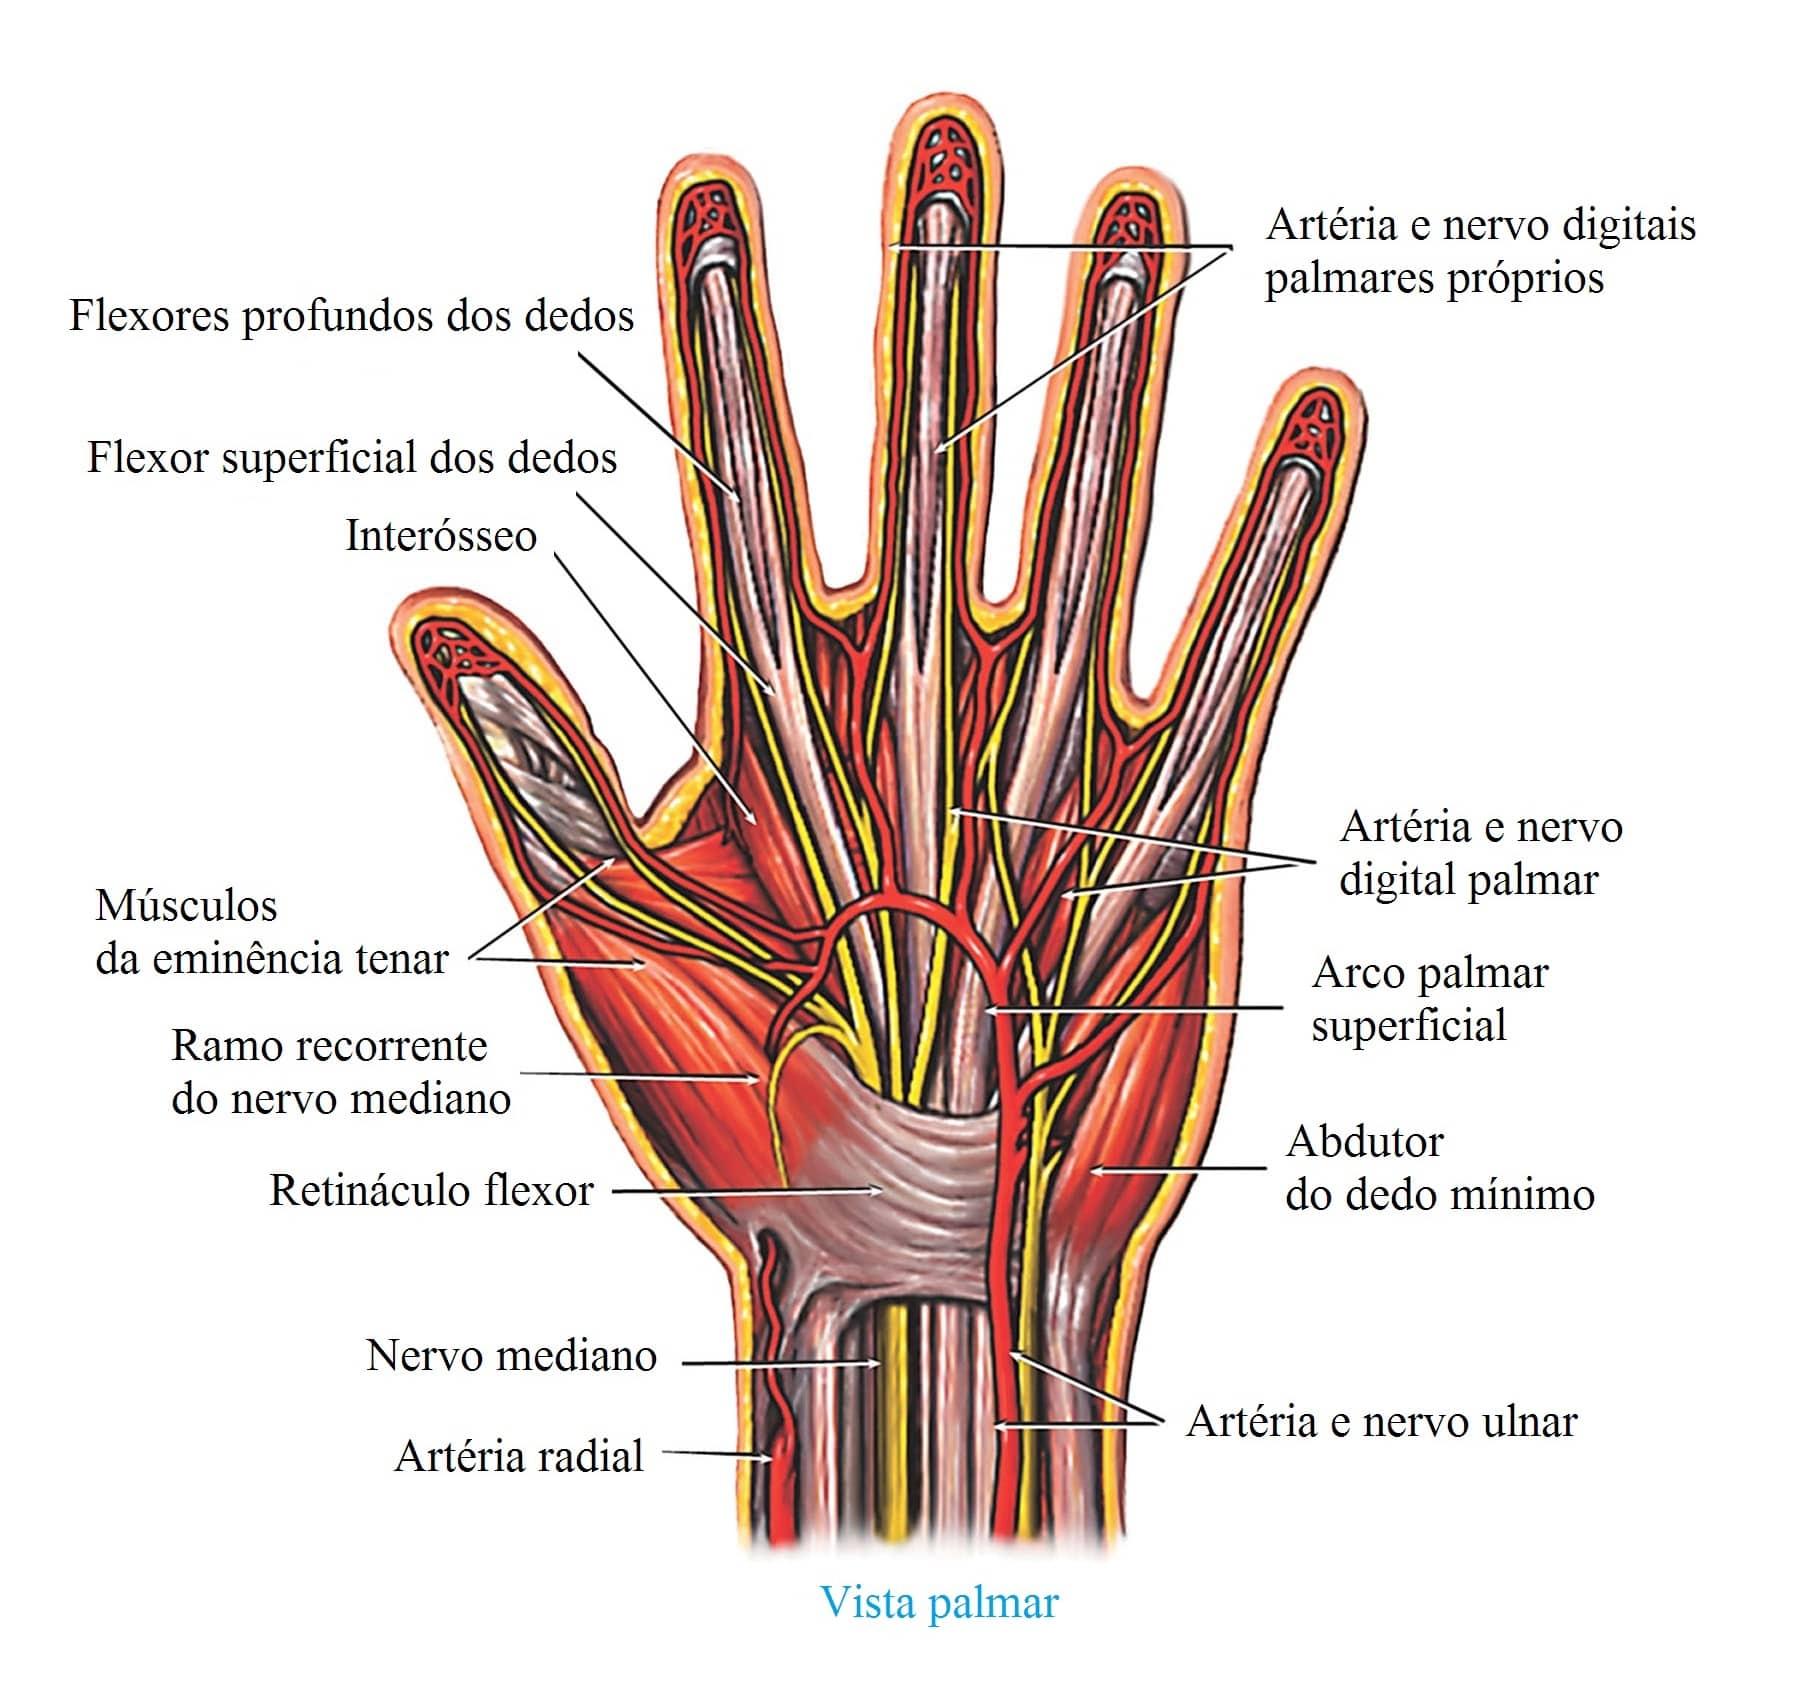 dor na palma da mão esquerda tocando violão